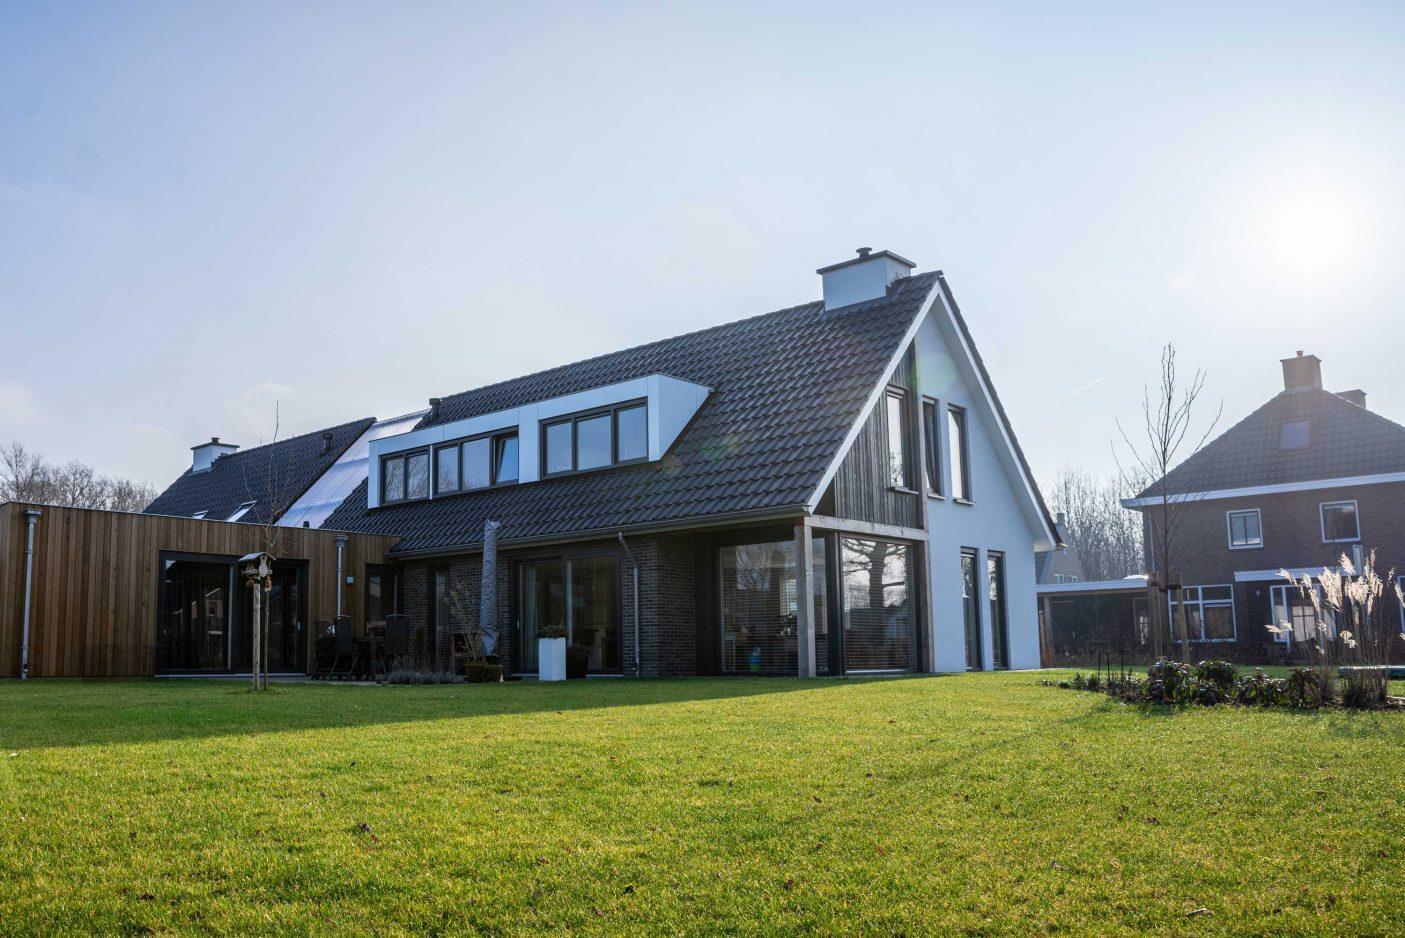 marten-ontwerpt-wevershof-heino-1-1.jpg